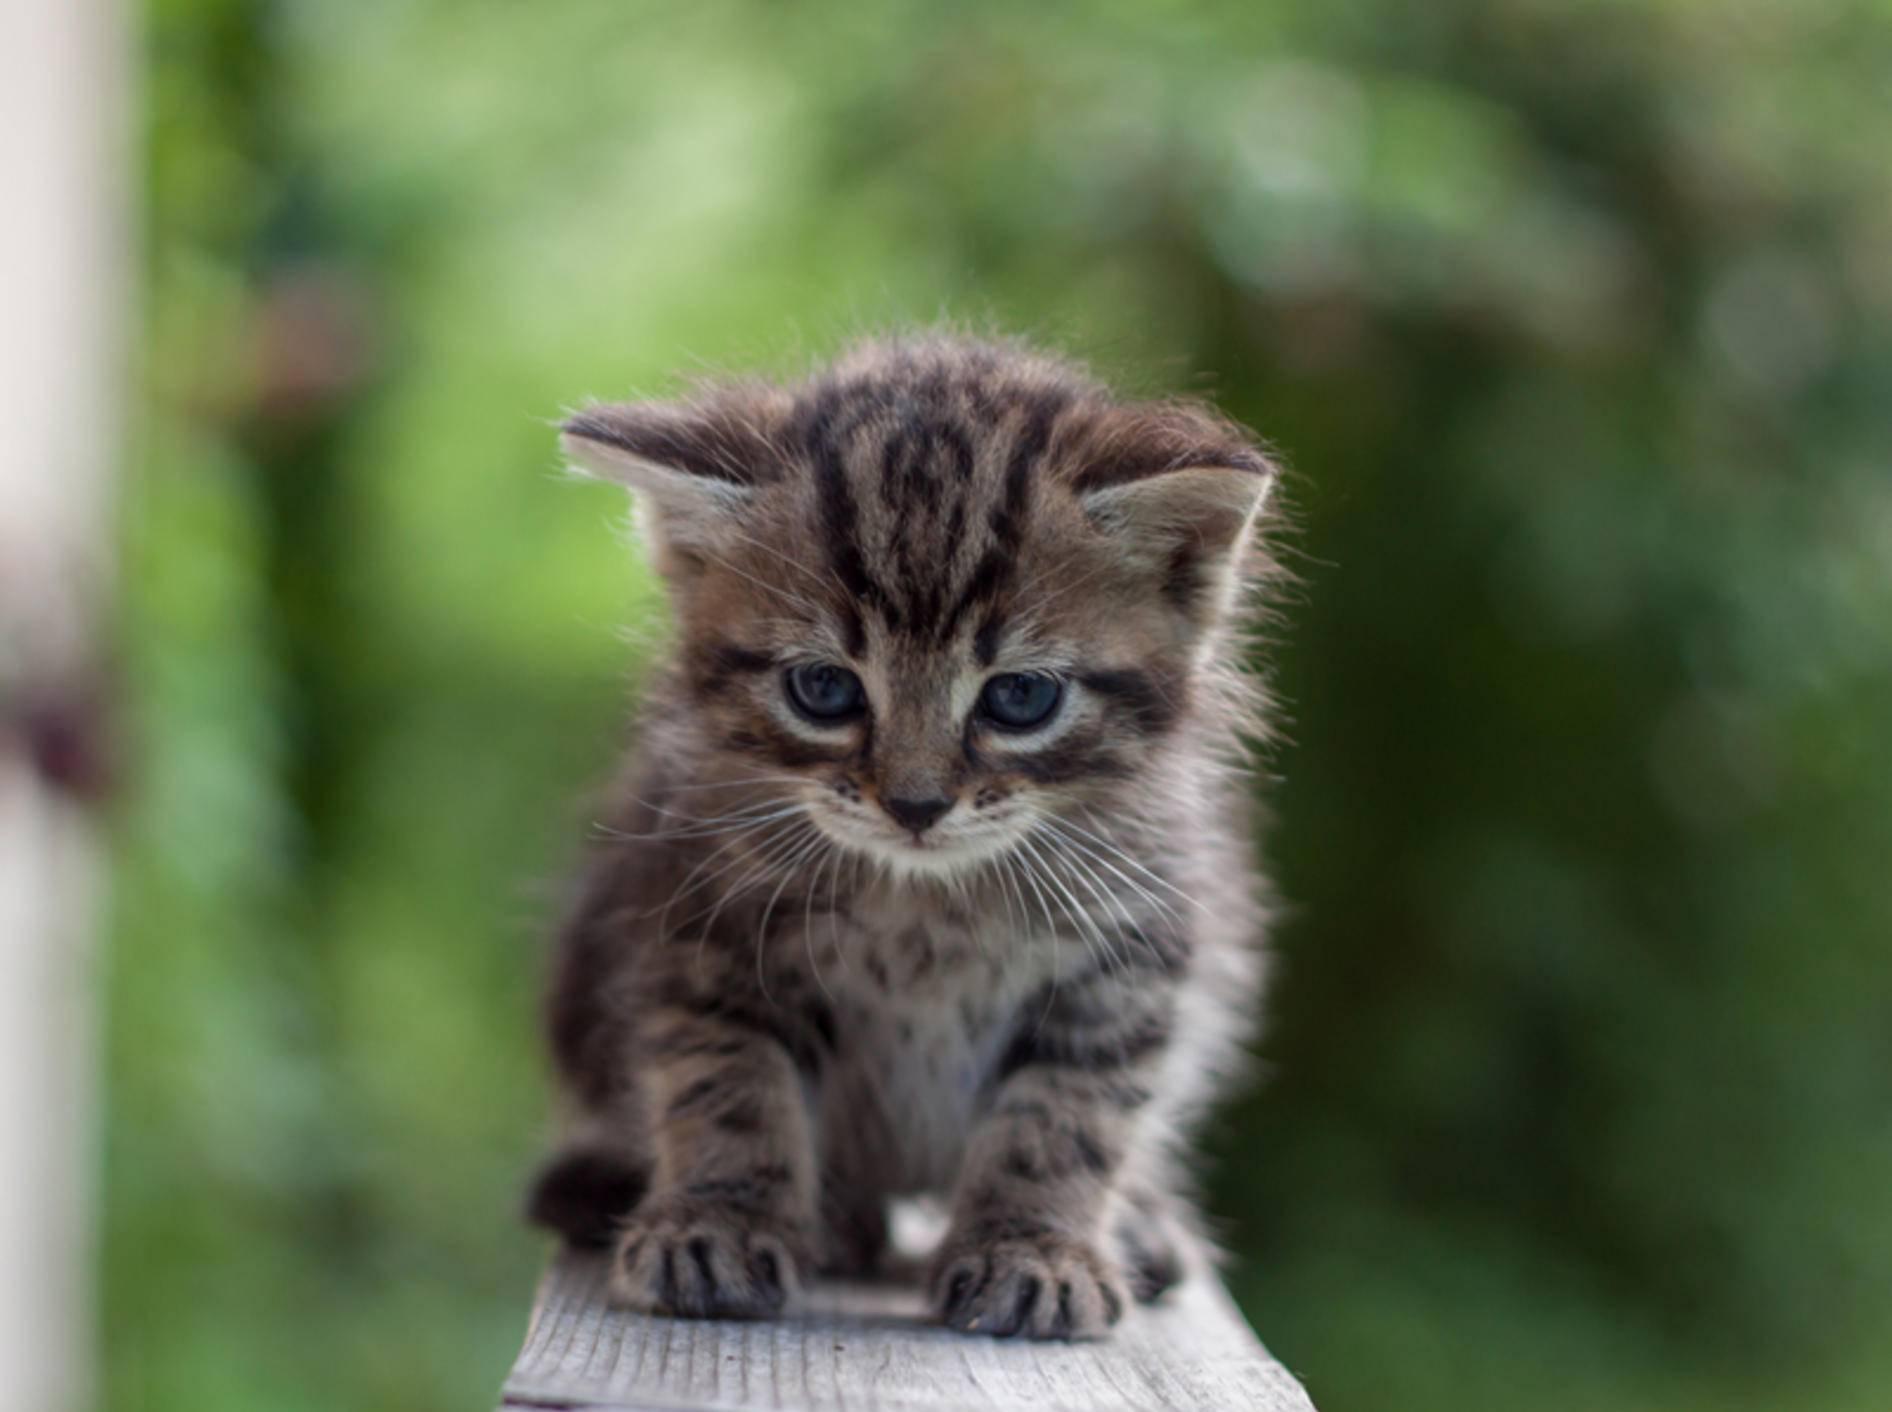 Diesem kleinen Minitiger scheint da etwas nicht so ganz geheuer zu sein... – Bild: Shutterstock / Andrzej Sliwinksi